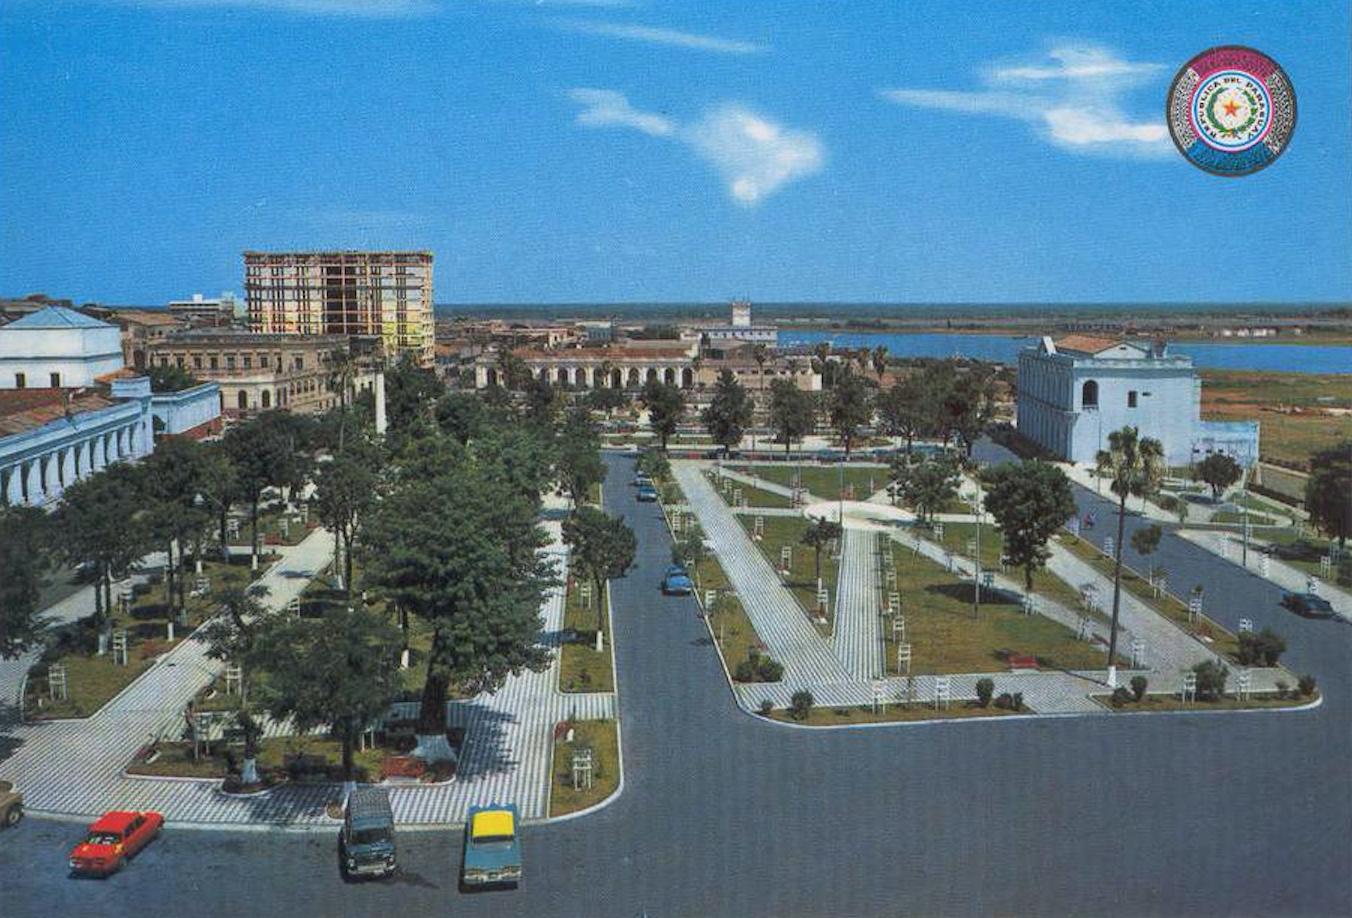 Plaza Constitución, ca 1970